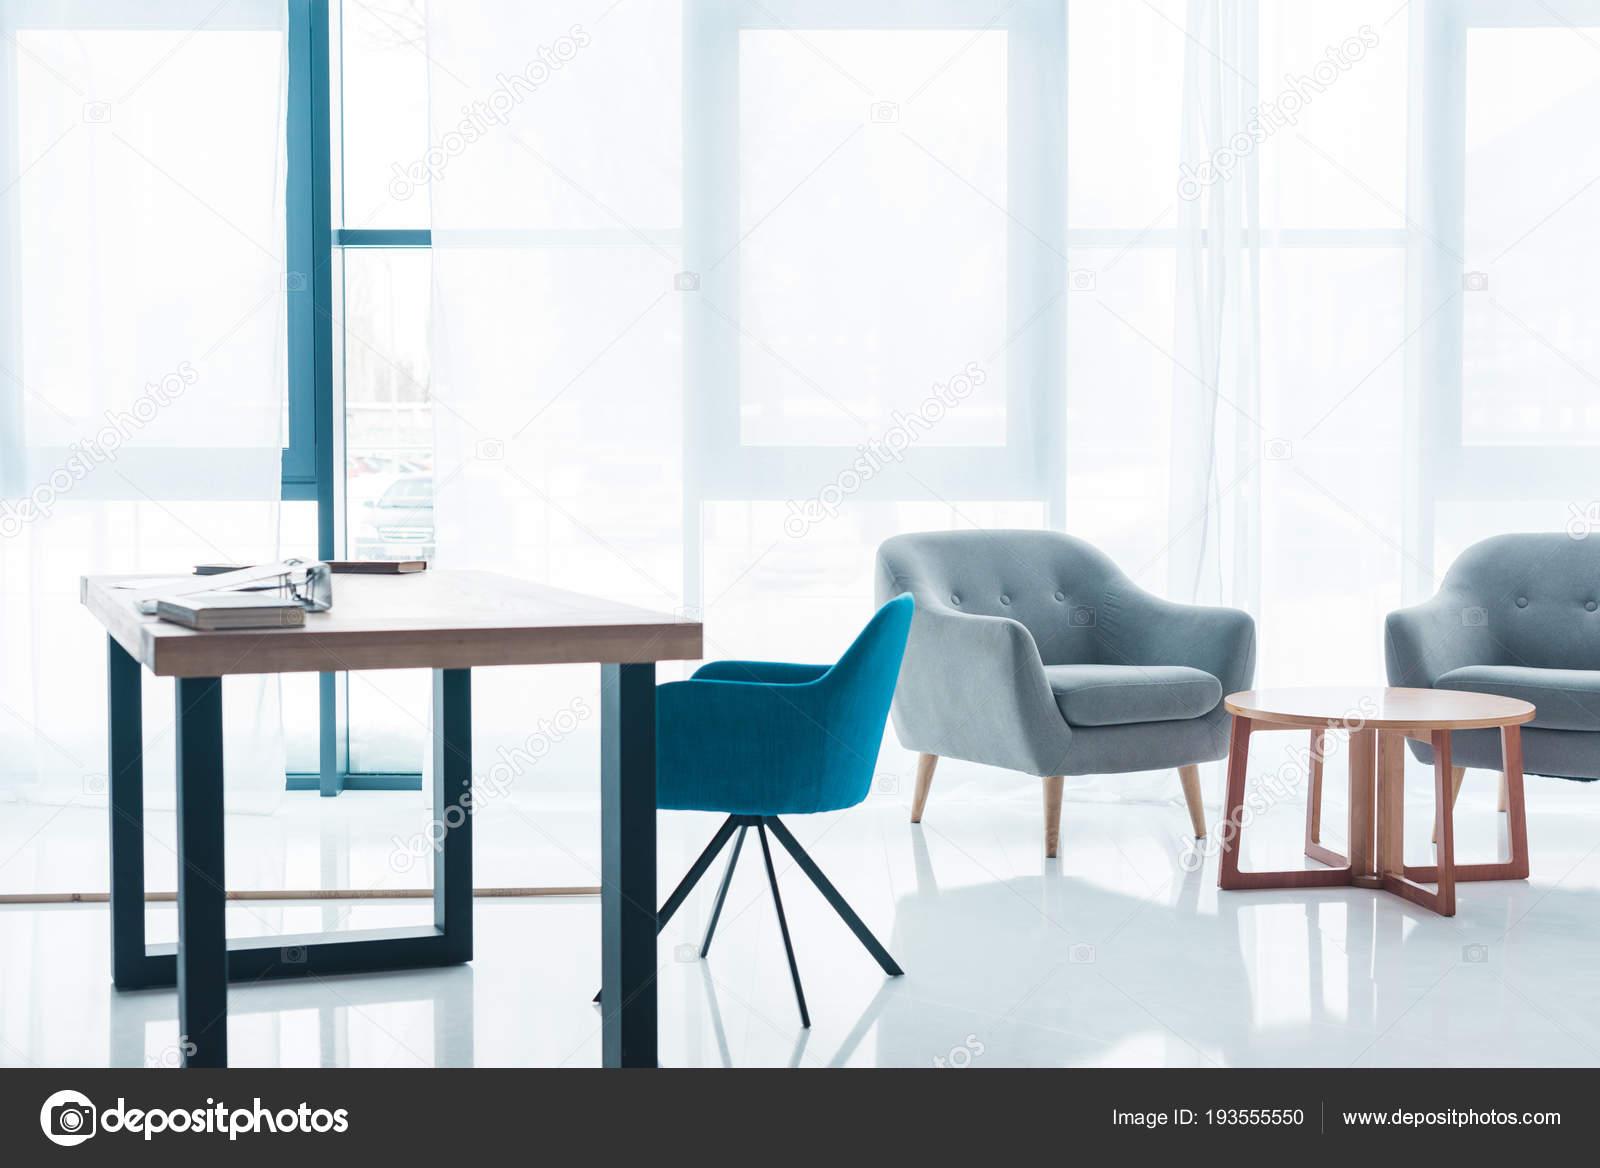 Table bois des fauteuils cosy vides intérieur bureau moderne